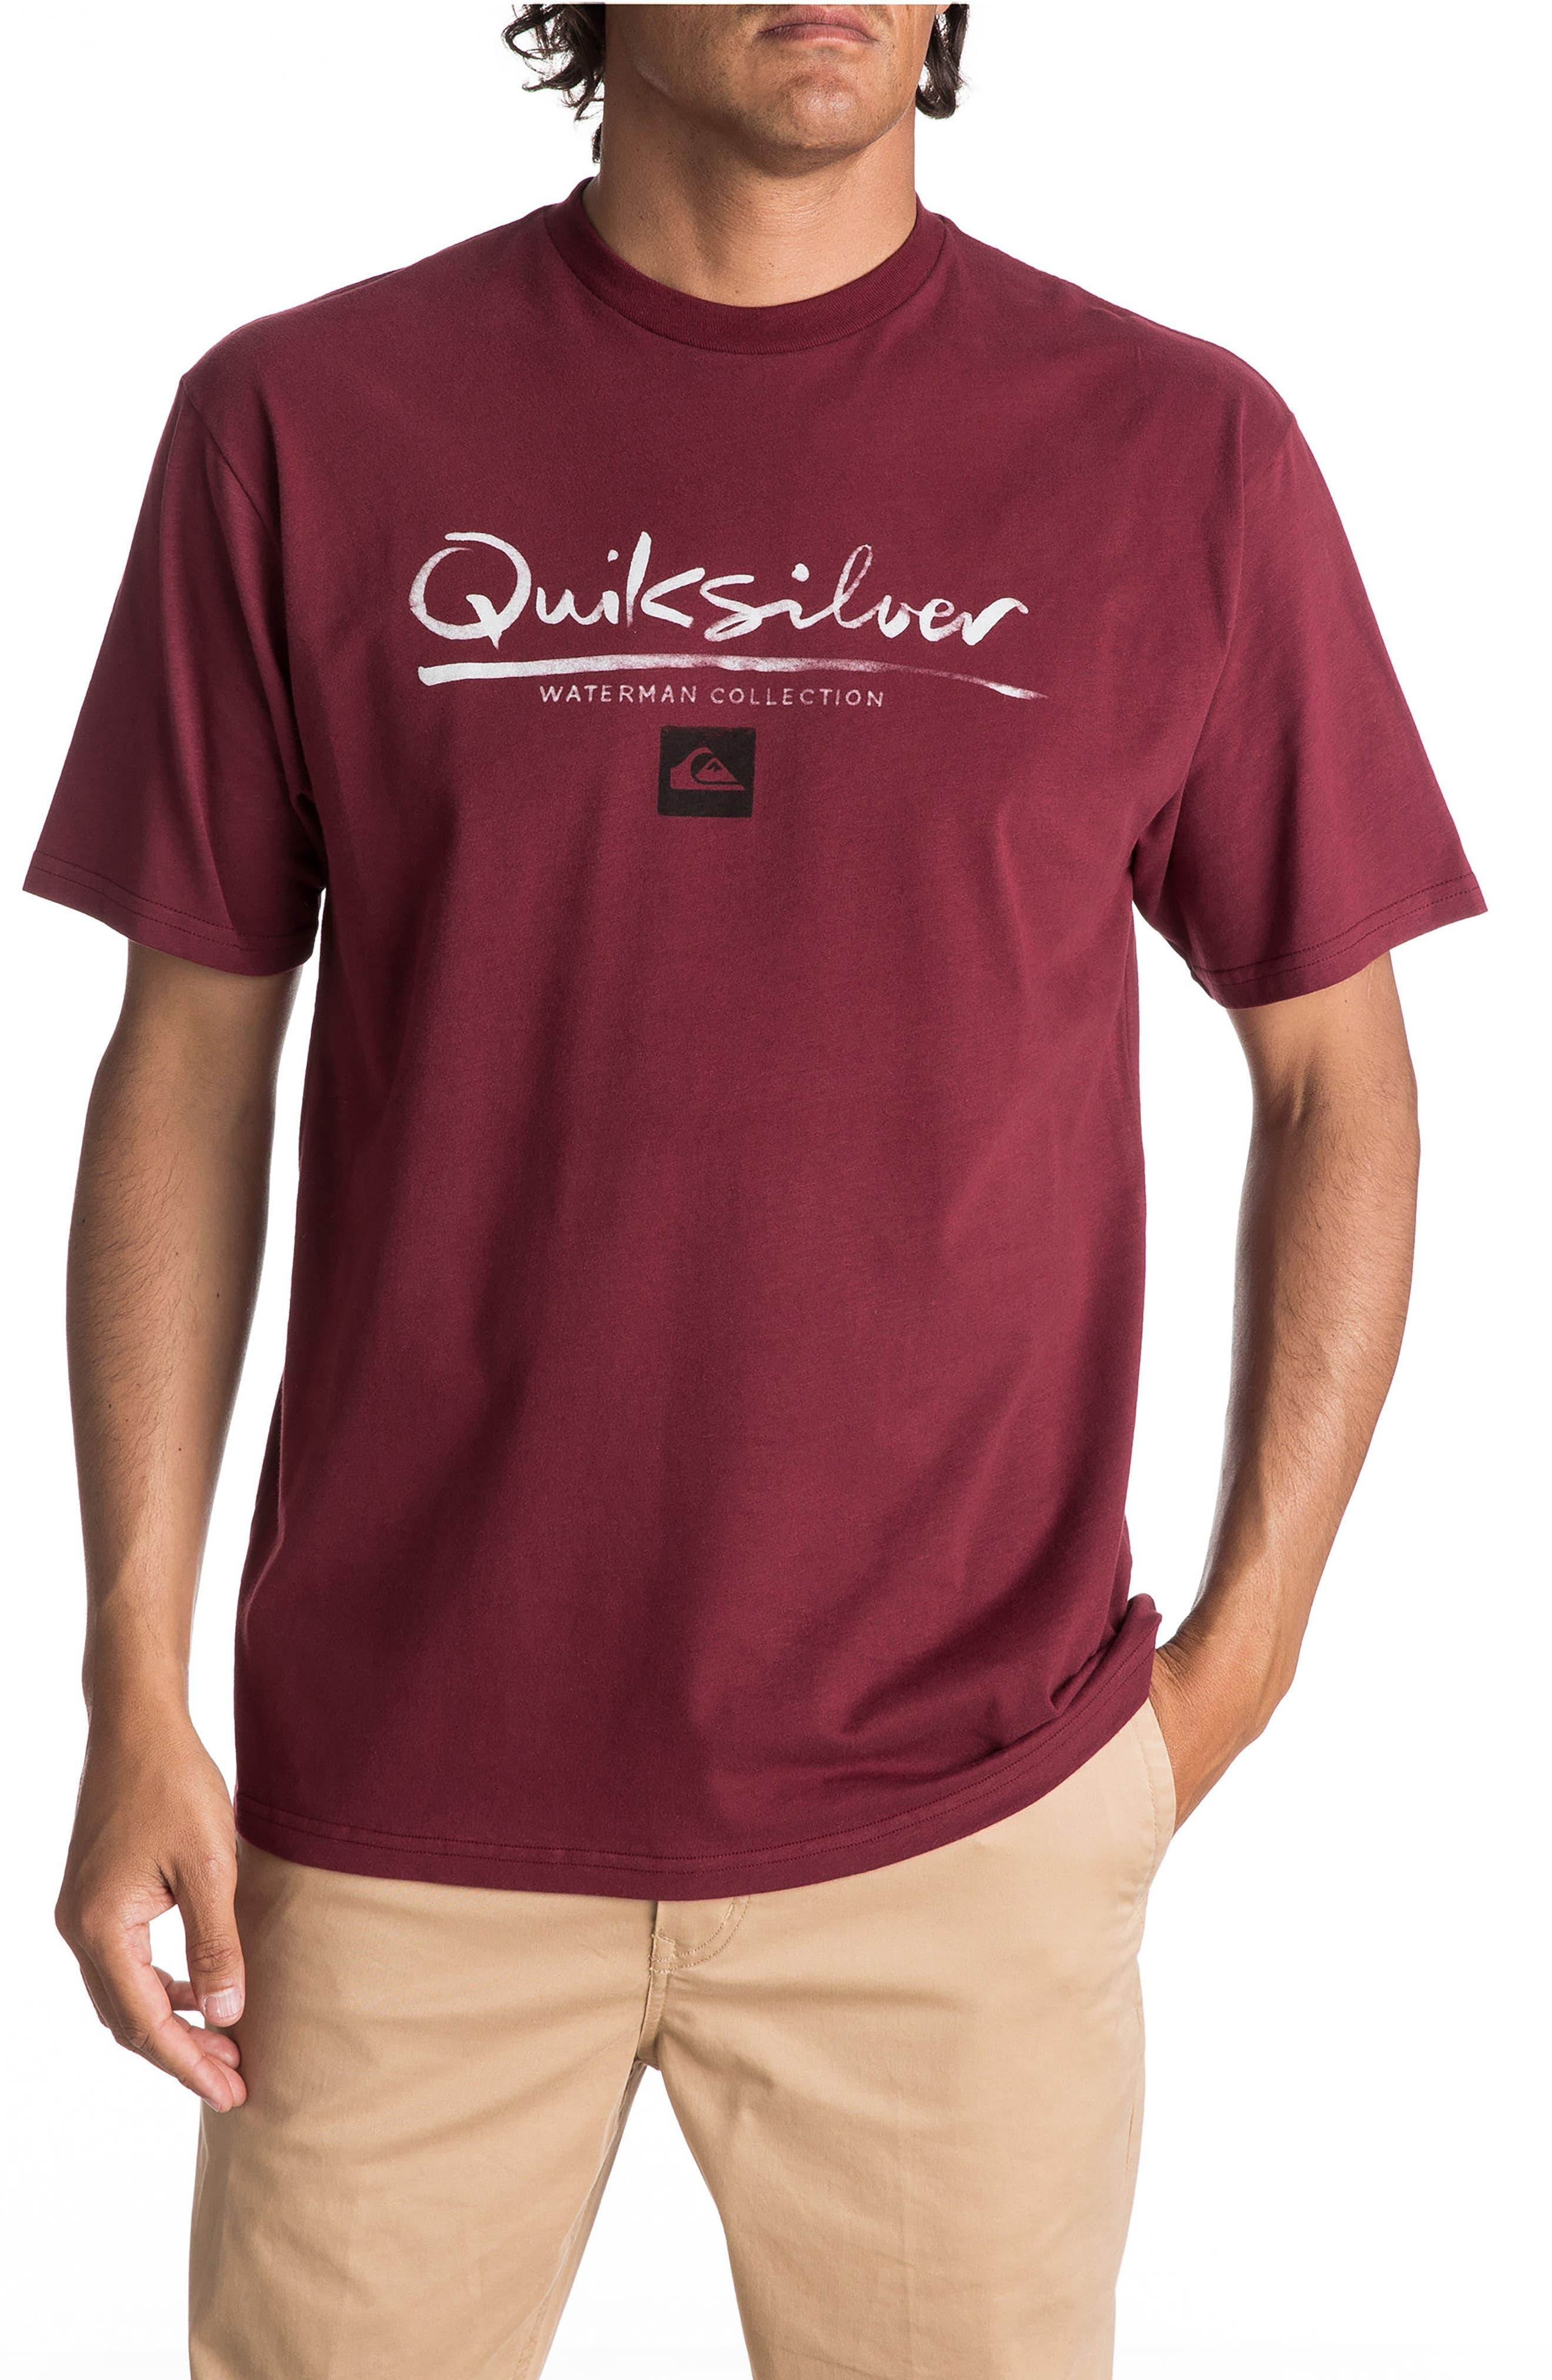 Quiksilver Waterman Collection Wordmark T-Shirt